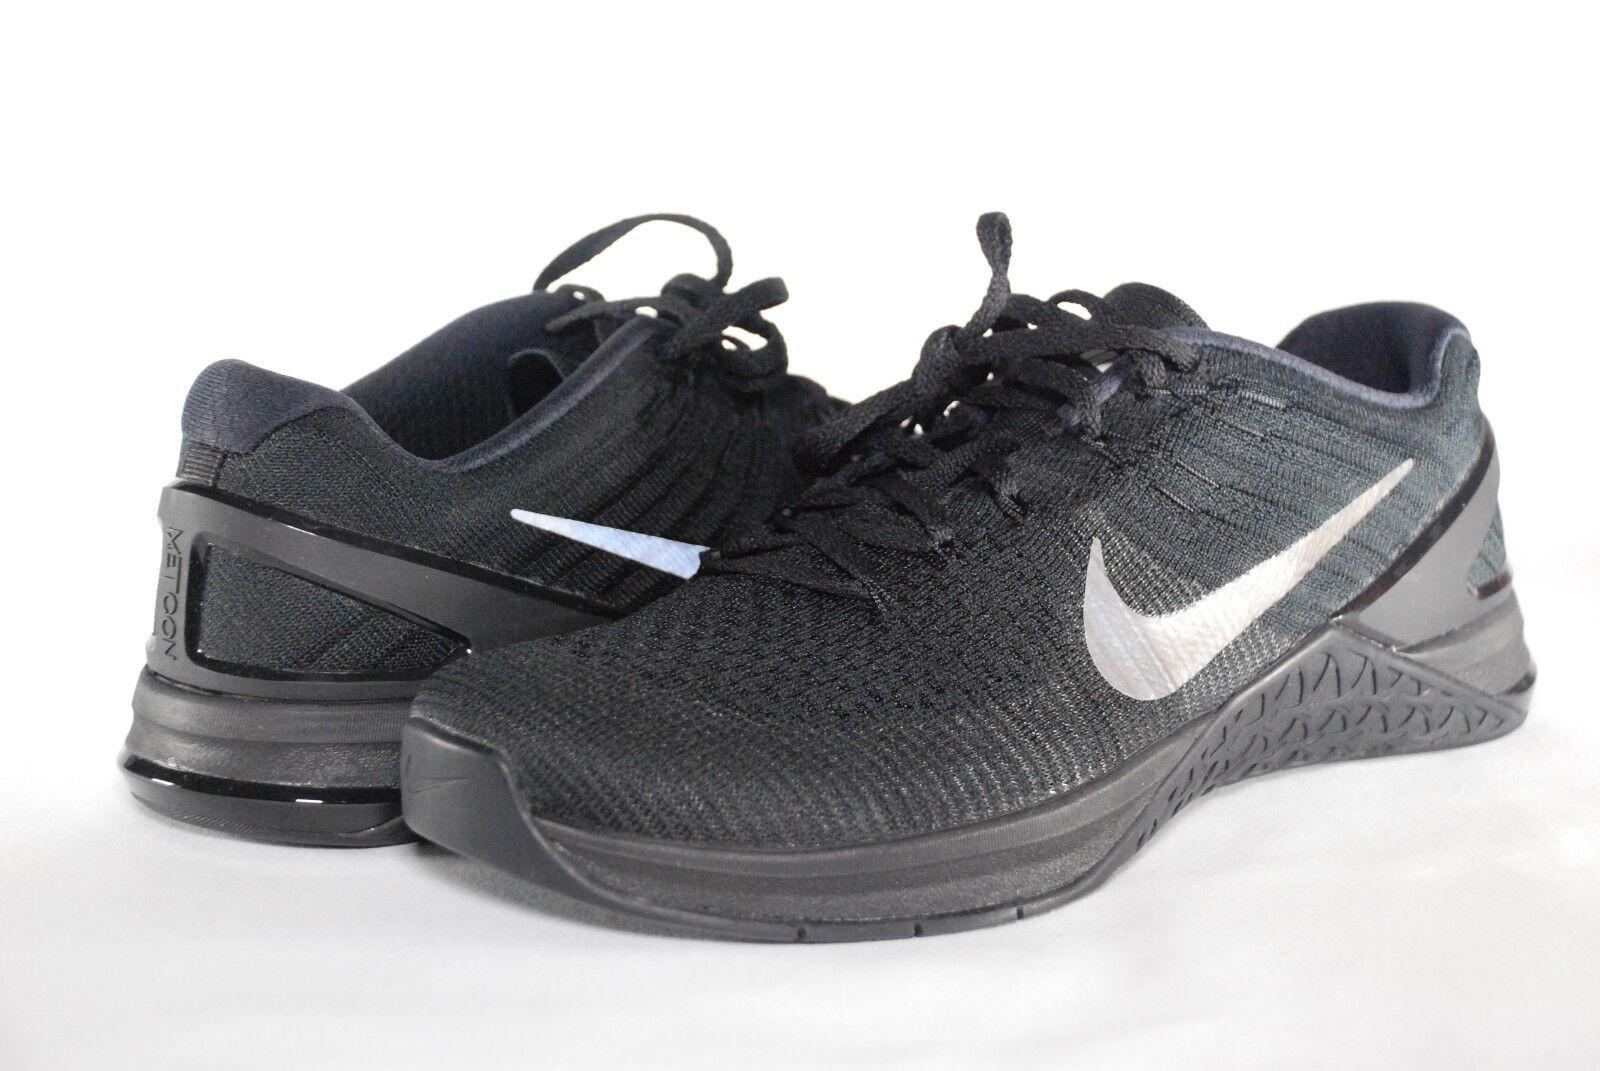 Nike metcon DSX Flyknit hombres descuento es comodo el último descuento hombres zapatos para hombres y mujeres 8995eb